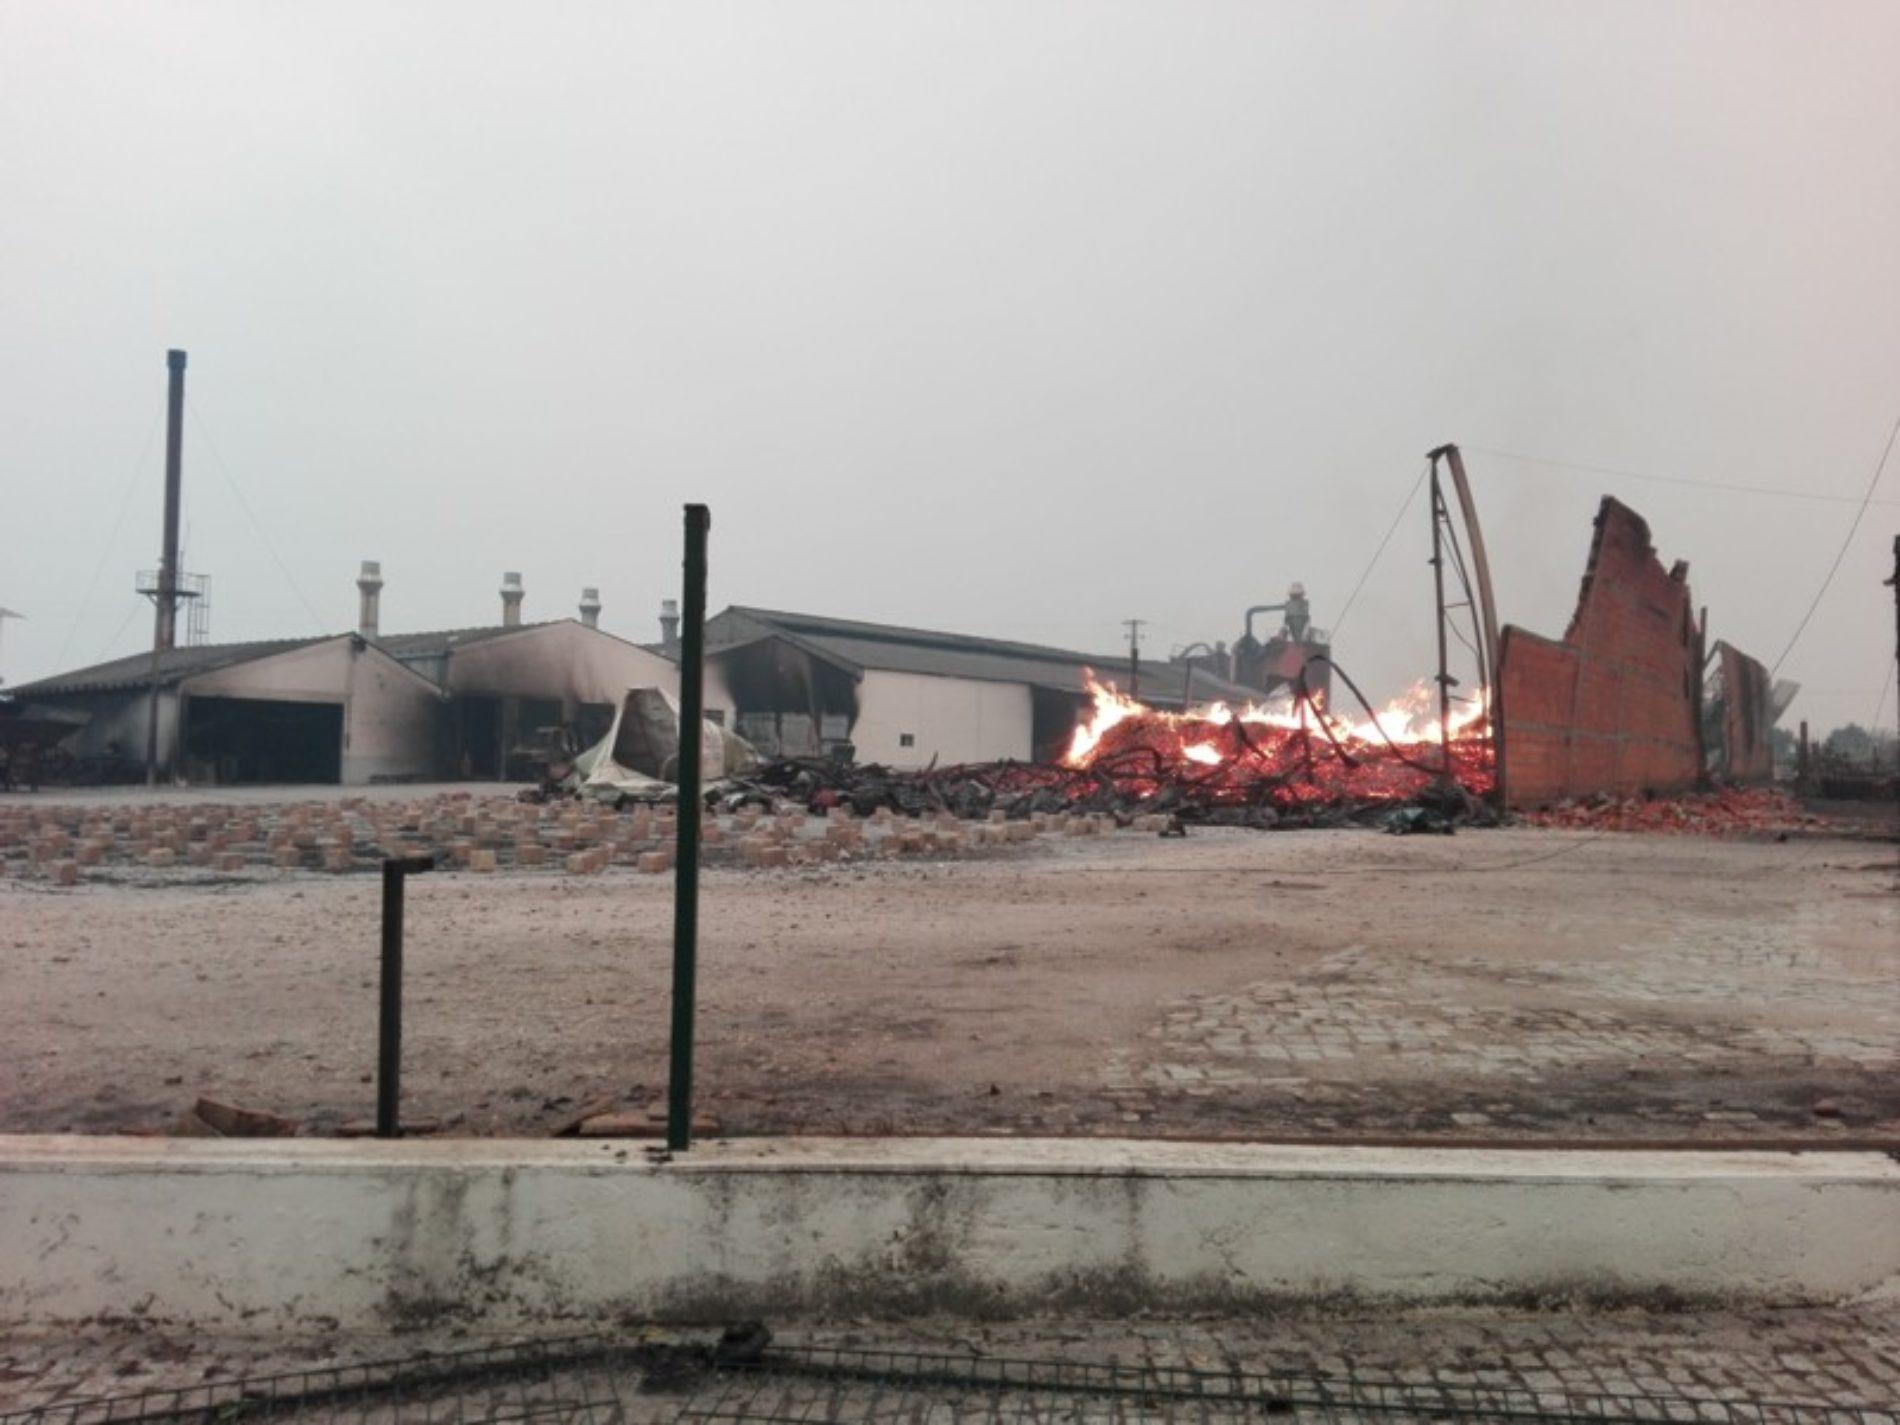 Município de Oliveira do Hospital apoia empresários afetados pelo incêndio